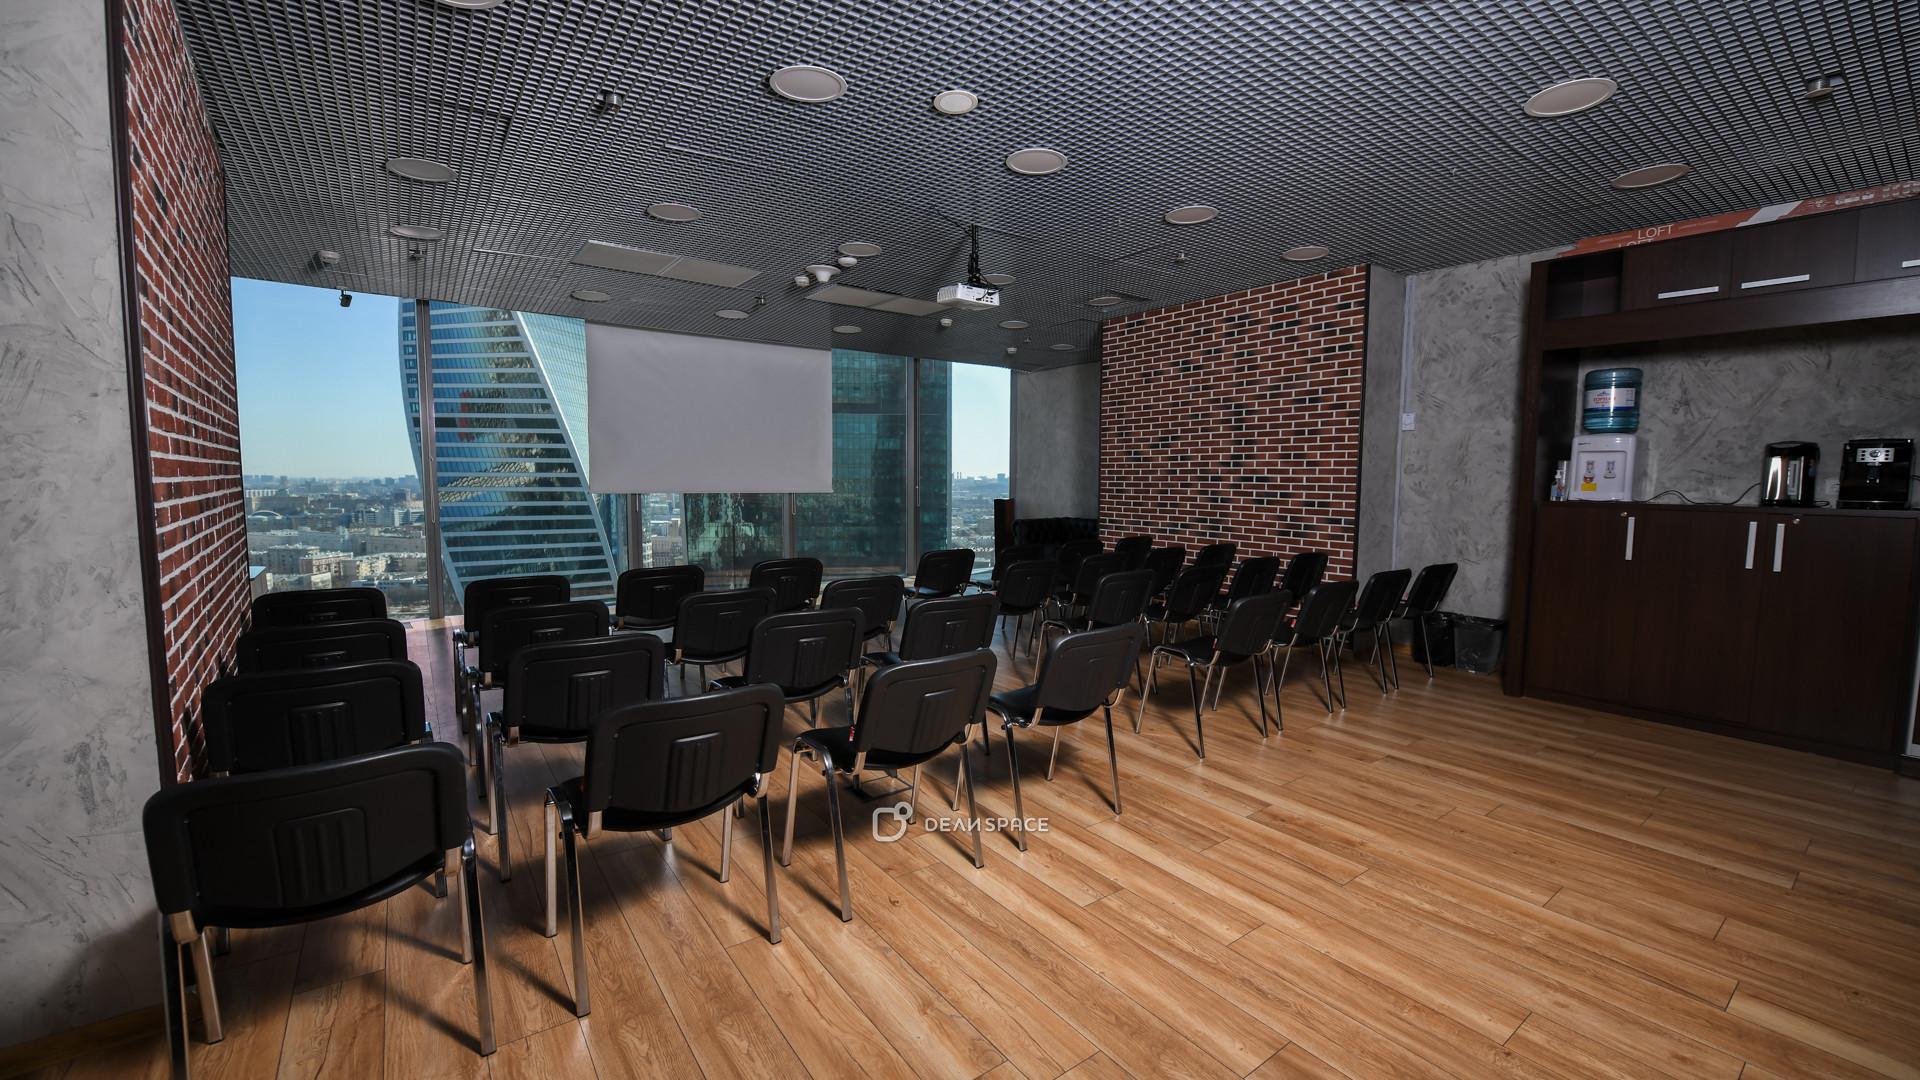 Конференц-зал Восток Центр  29 этаж - фото №3